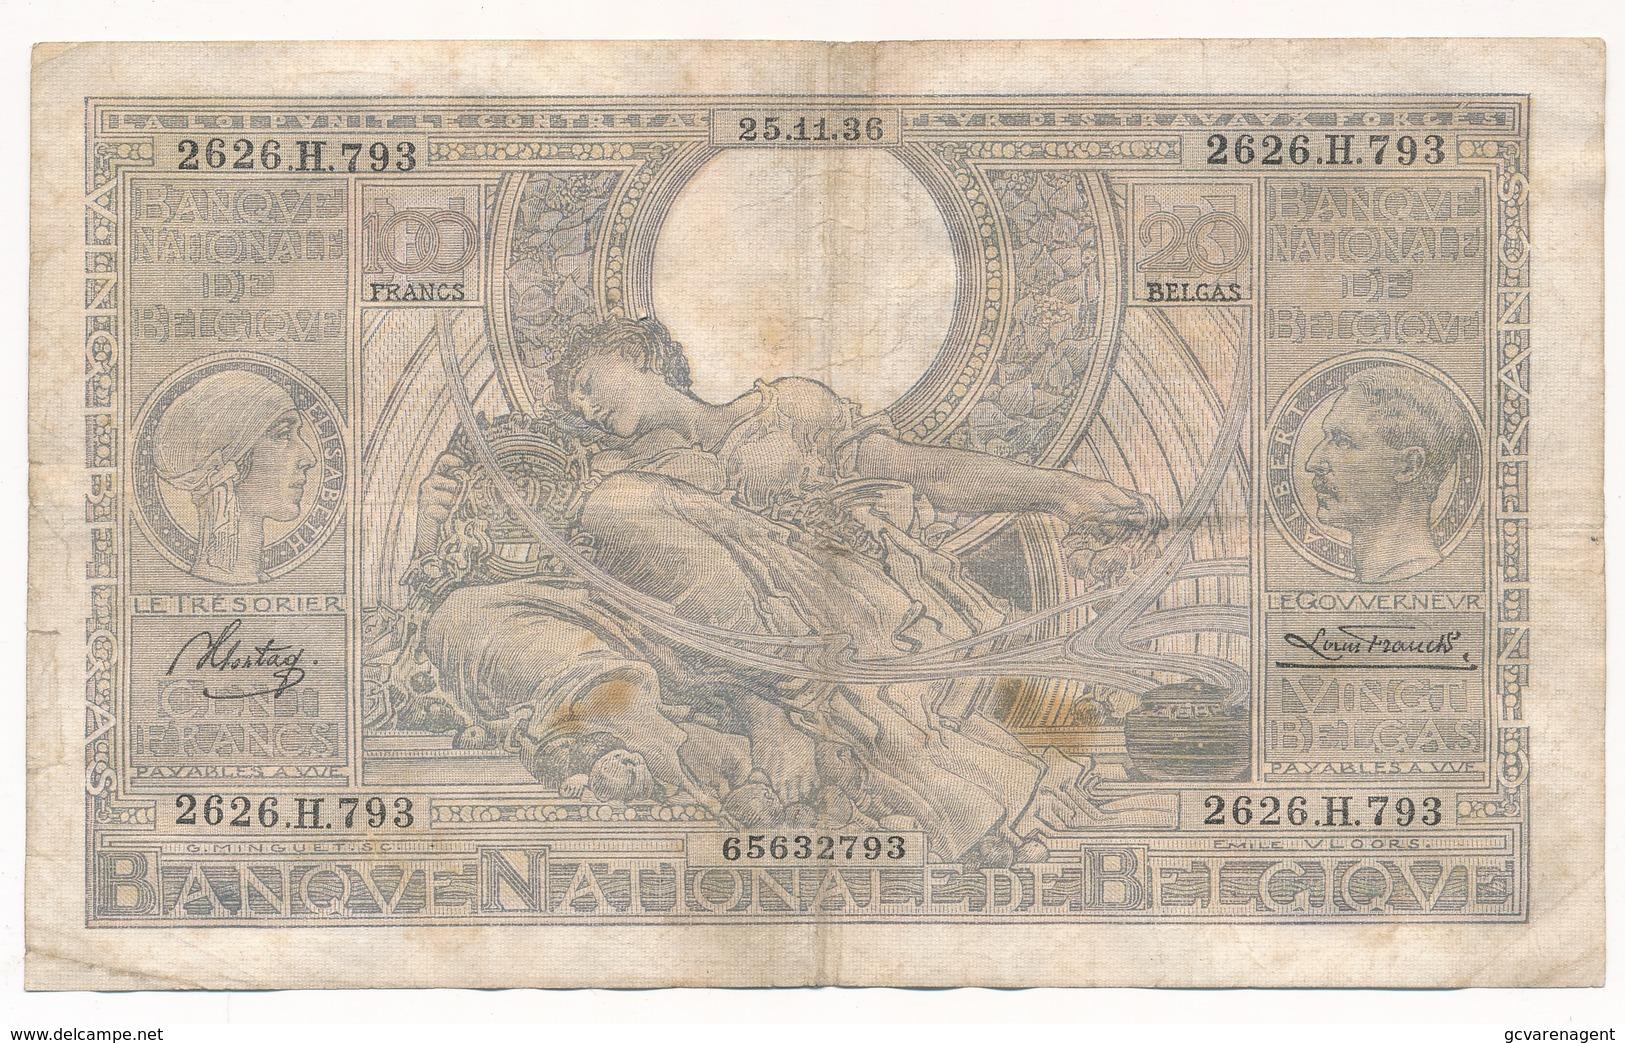 BELGIQUE 100 FRANCS-20 BELGAS 1936  - 2 SCANS - [ 2] 1831-... : Royaume De Belgique